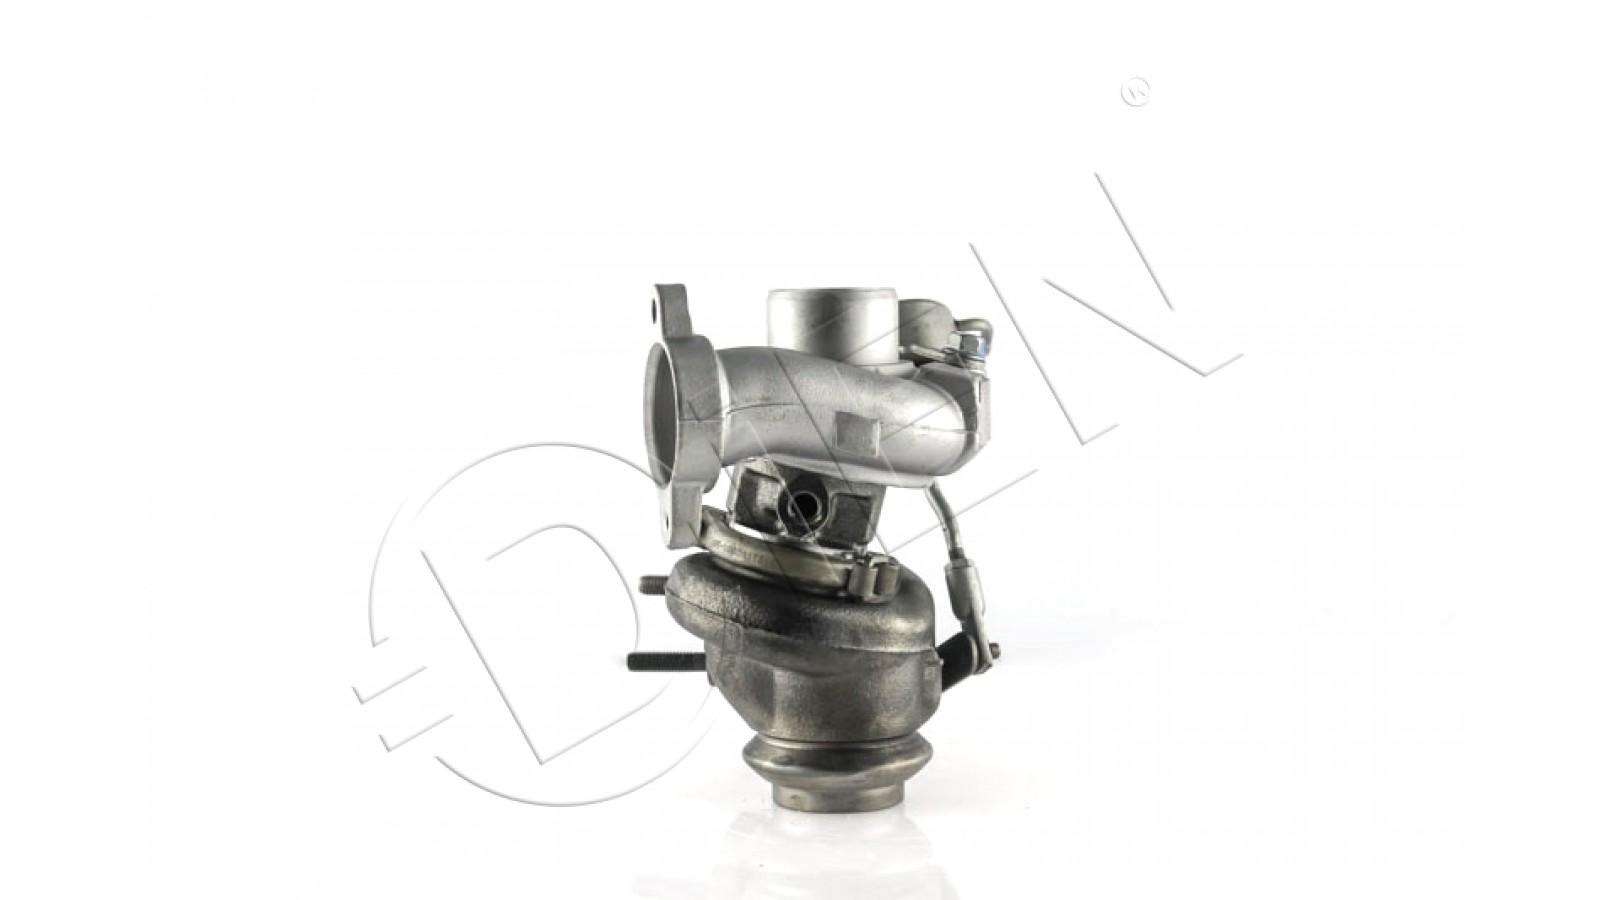 Turbocompressore rigenerato per SANTANA 300/350 1.6 HDi 4x4 90Cv